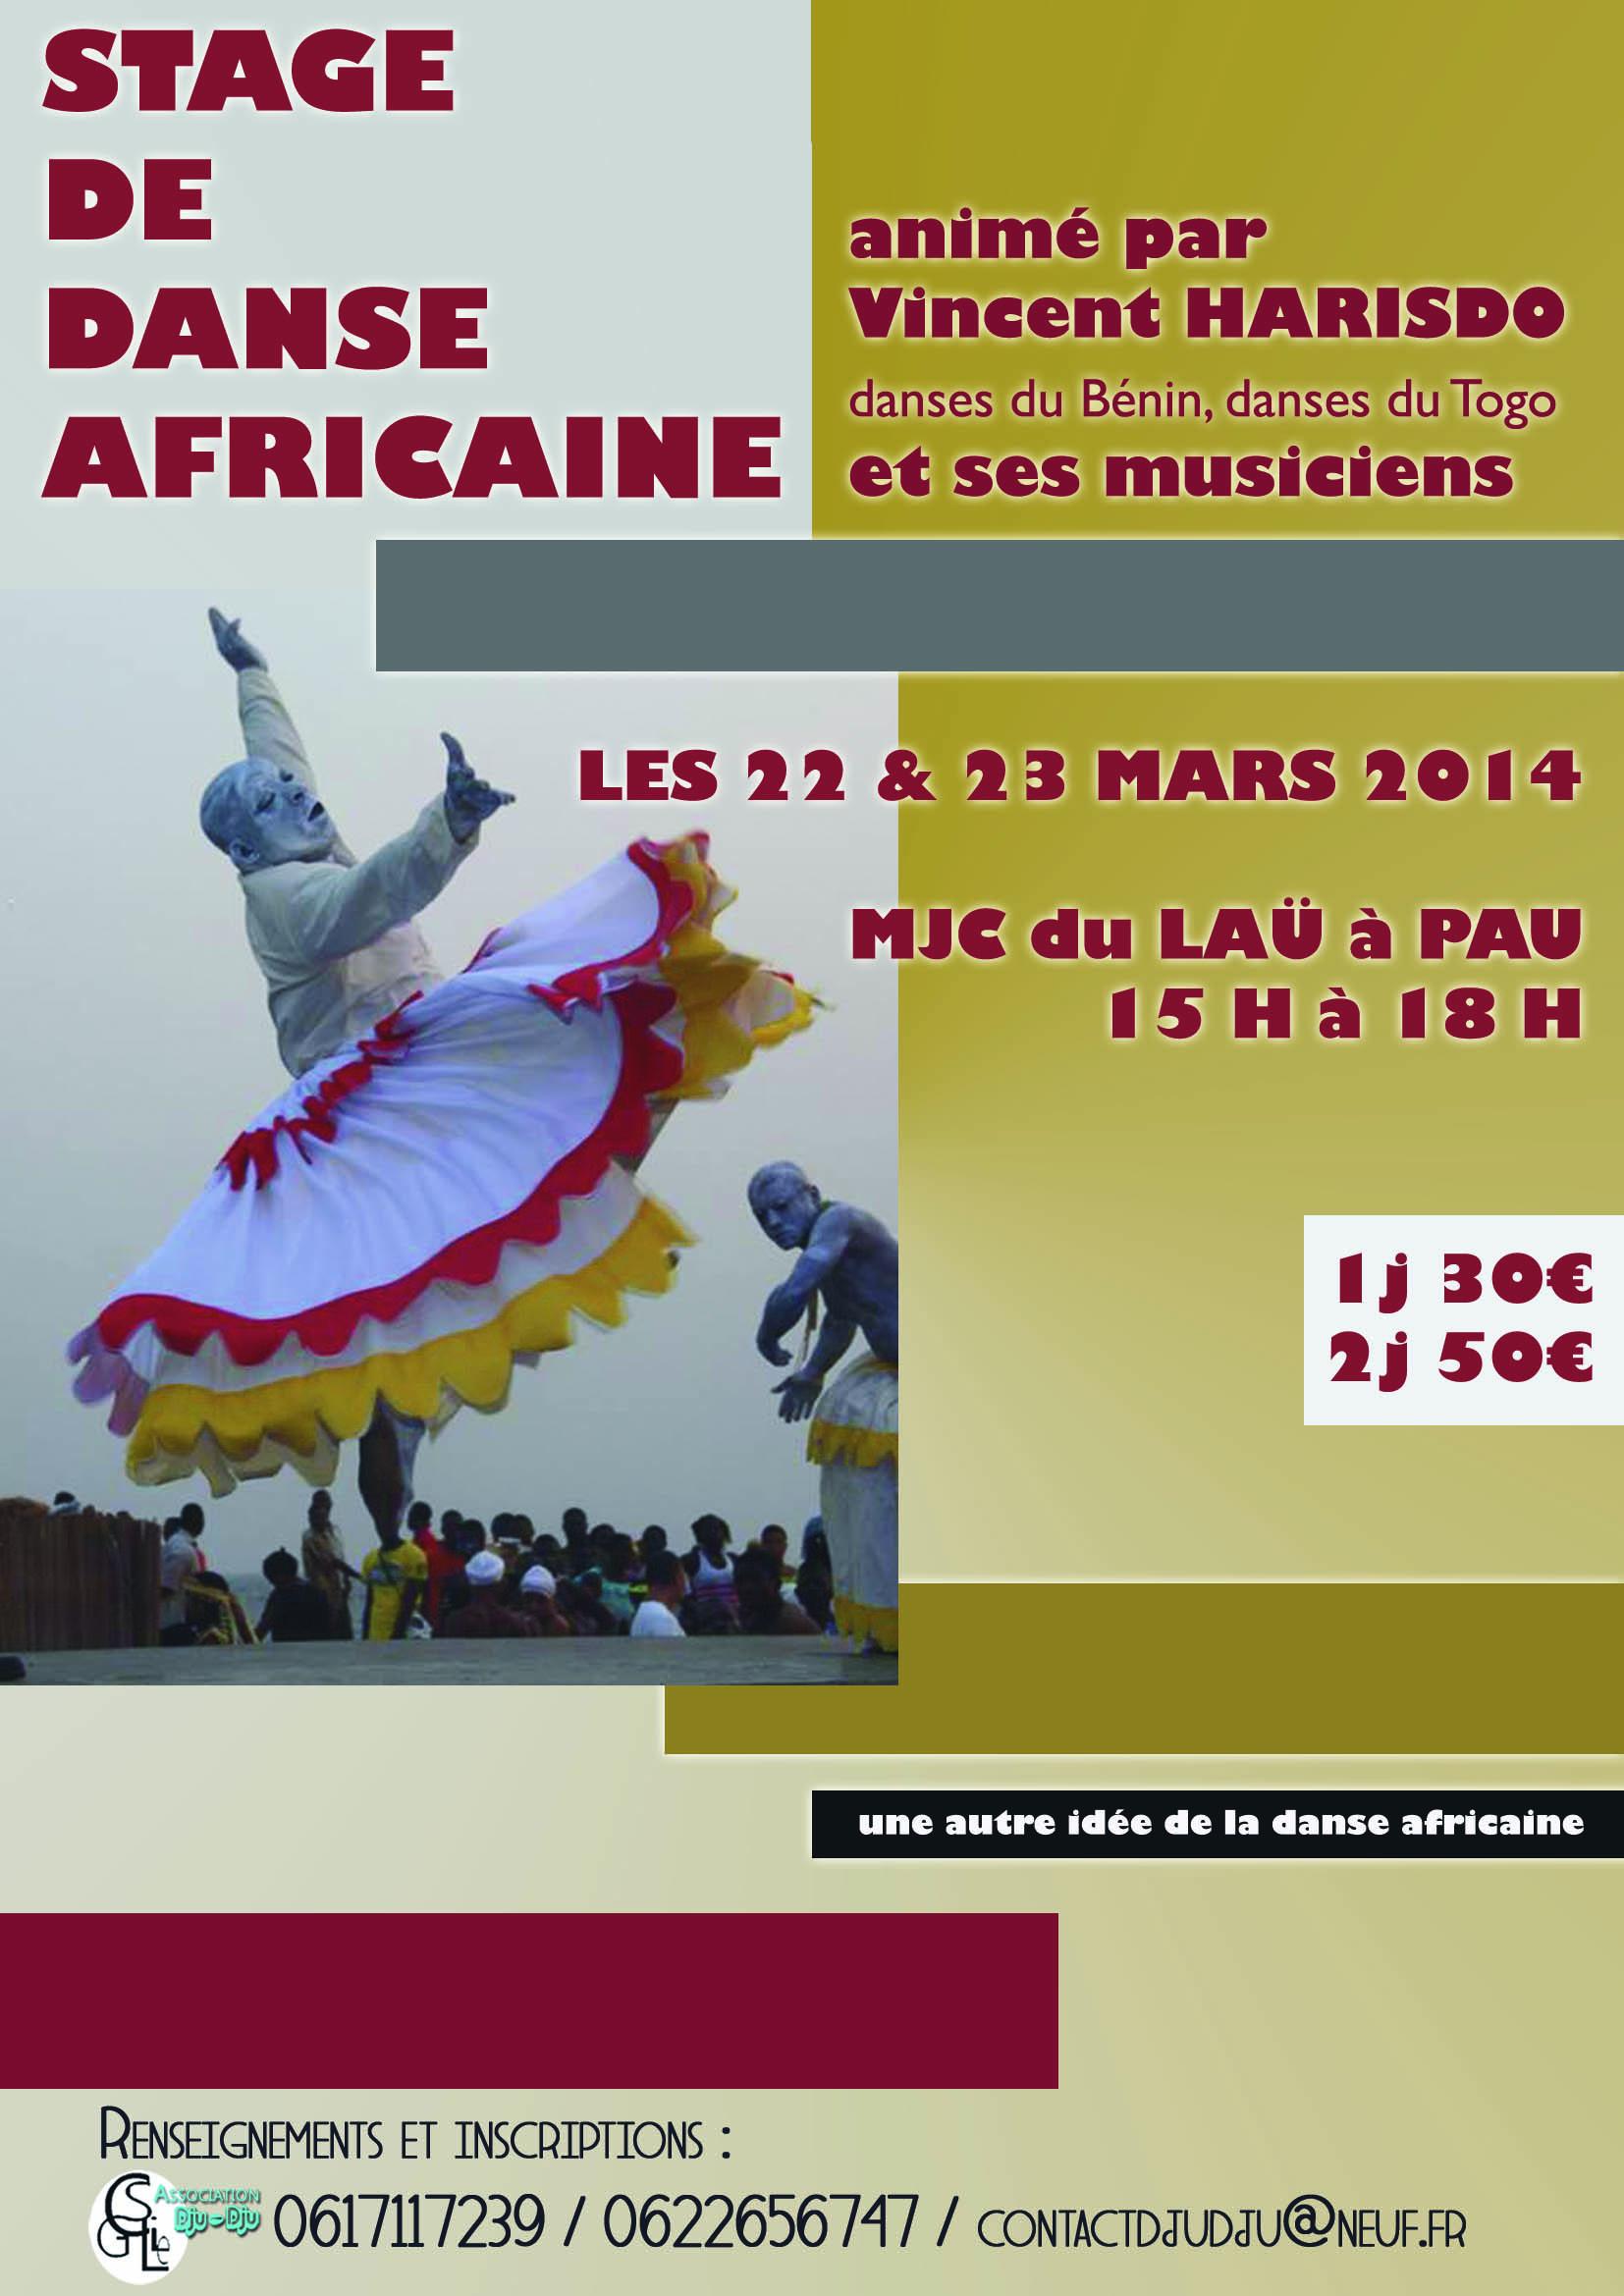 Stage de danse africaine avec Vincent Harisdo